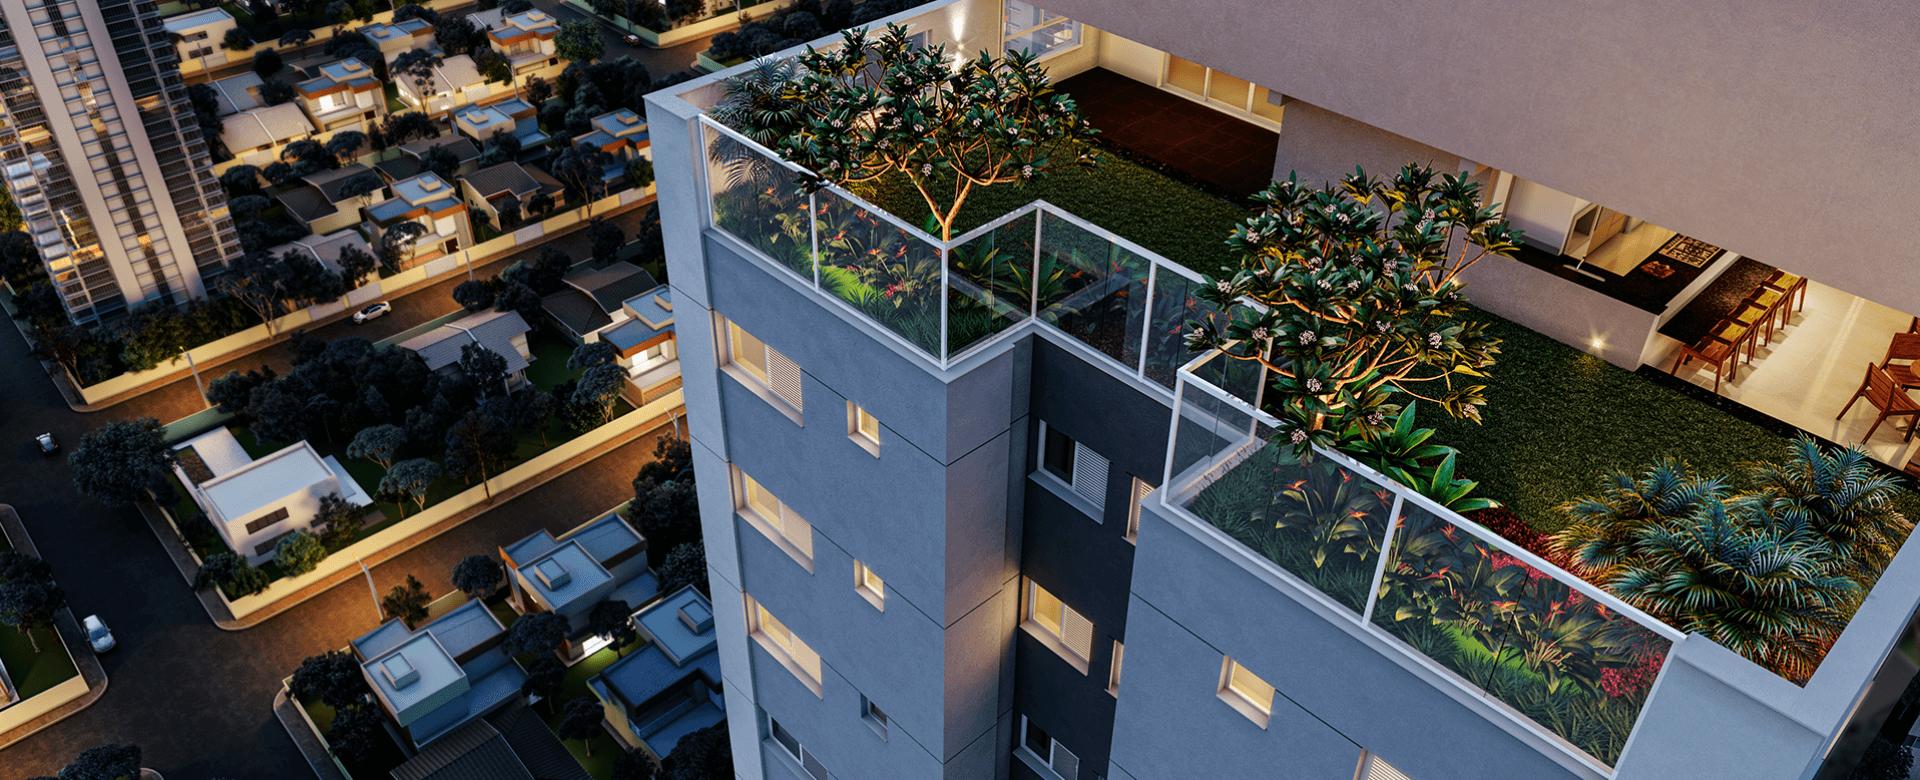 Duo Sky Garden, foto 1